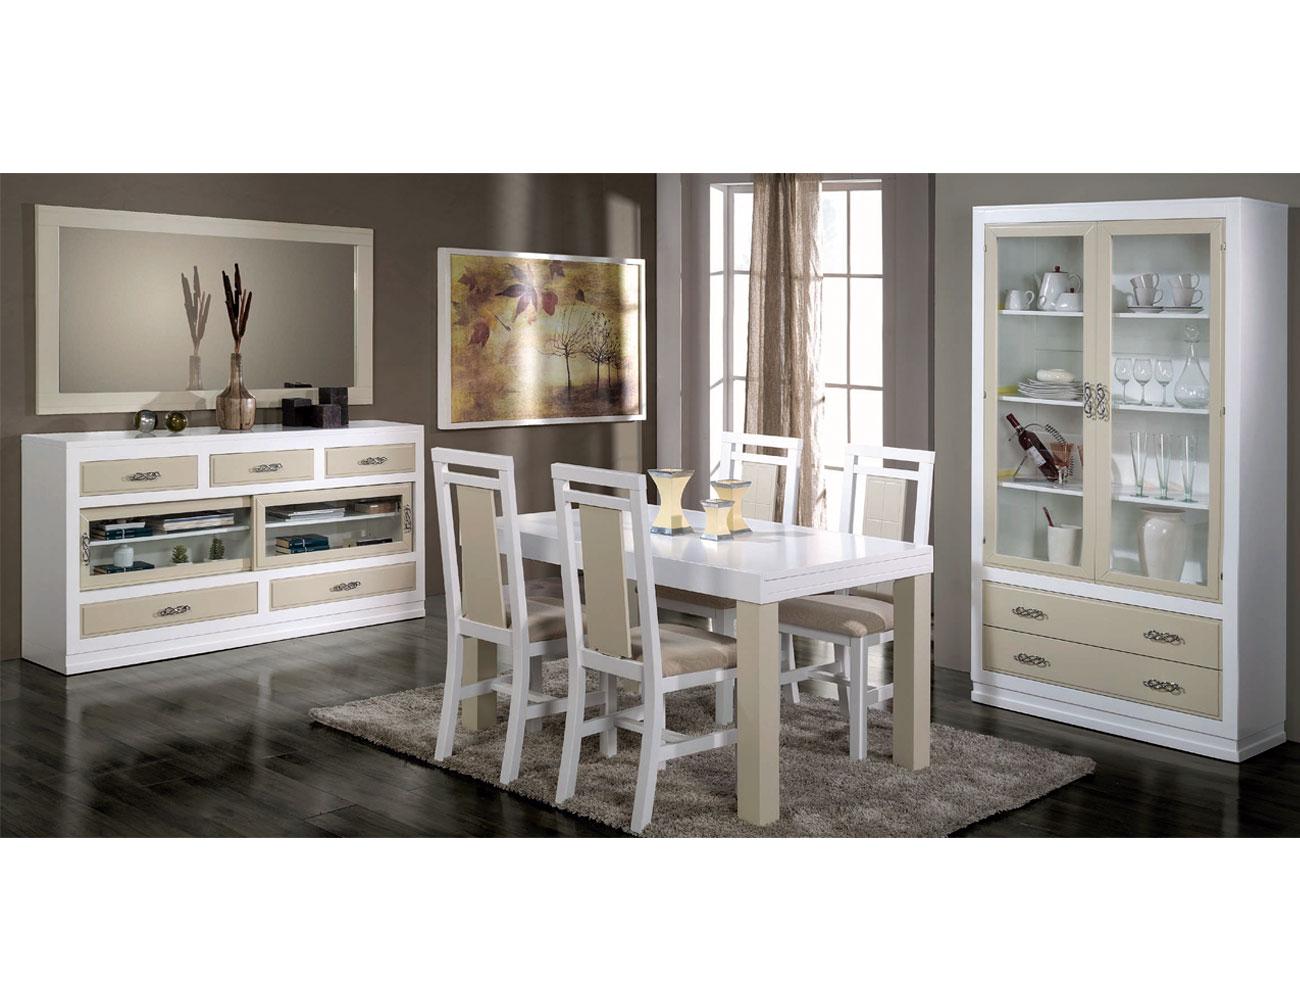 Composicion56 mueble salon comedor aparador vitrina mesa silla3